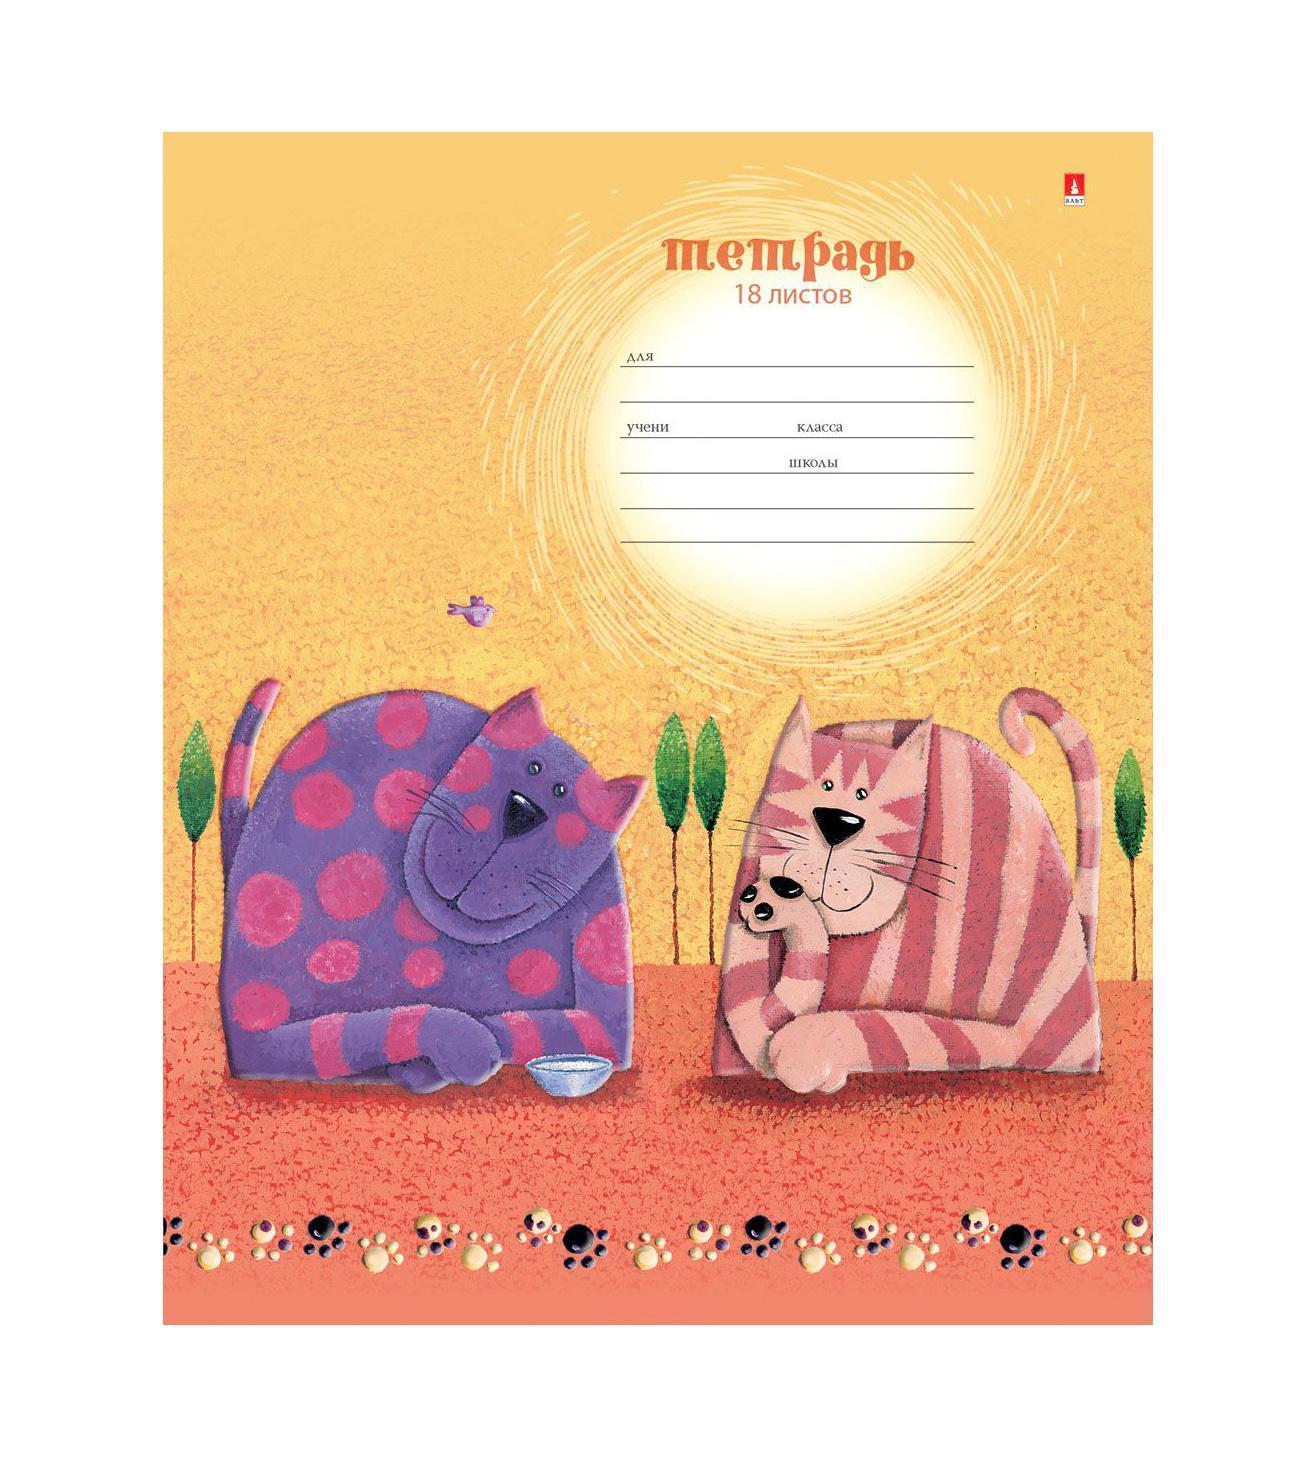 Набор тетрадей Альт Кошки, 18 листов, 10 шт27966Серия дизайнерских тетрадей Альт Кошки - это качественная, красочно оформленная бумажная продукция для учащихся начальных классов. Добродушные коты, выполненные в стилистике персонажей рисованных мультфильмов, создадут у младших школьников хорошее настроение, необходимое для успешной учебы. Для создания объемного эффекта рисунок обложки выполнен с помощью рельефного тиснения и подчеркнут прозрачным выборочным лаком. Тетрадь формата А5 состоит из 18 листов. Белая мелованная бумага на основе эвкалиптовой целлюлозы обладает плотностью 65 грамм.